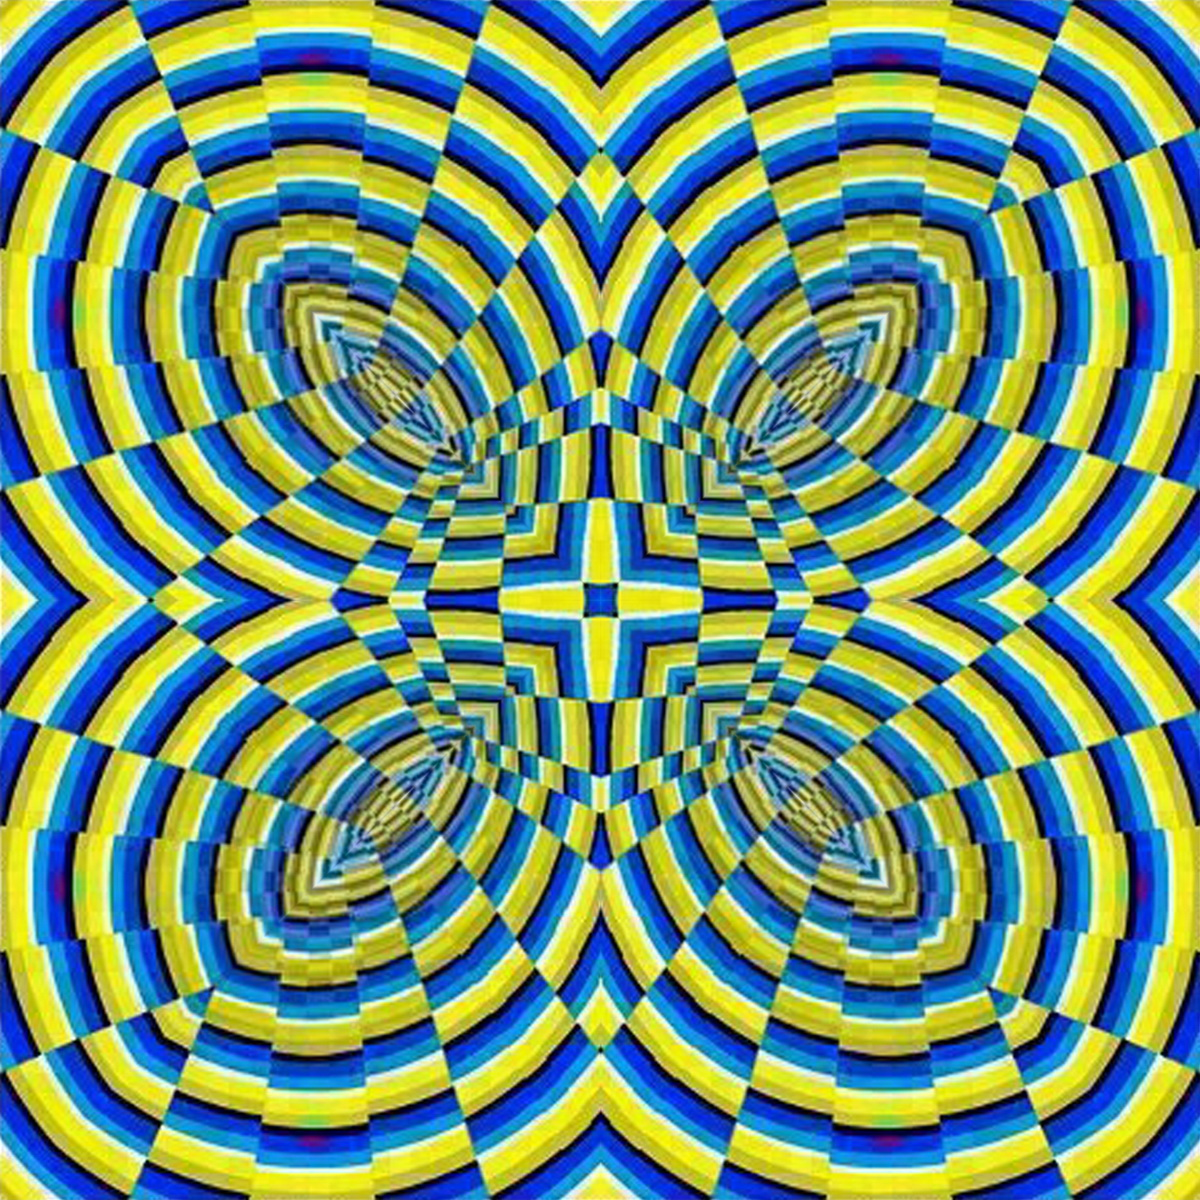 Hermanosaban mandalas fractales efectos visuales y - Imagenes con trucos opticos ...